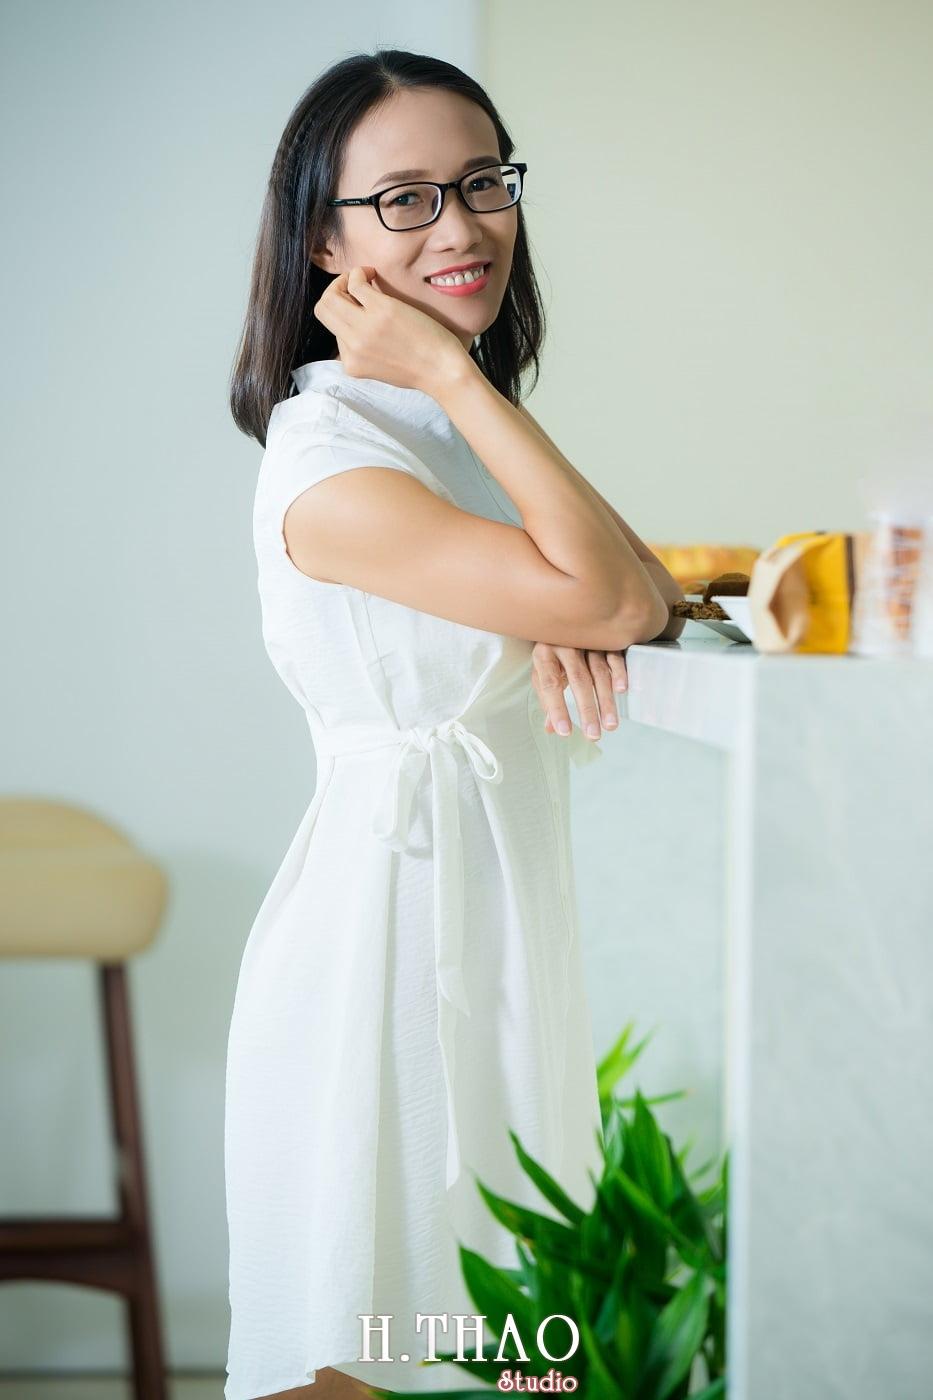 Anh chi Ngoc 22 min - Góc ảnh chụp indoor đơn giản mà đẹp – HThao Studio